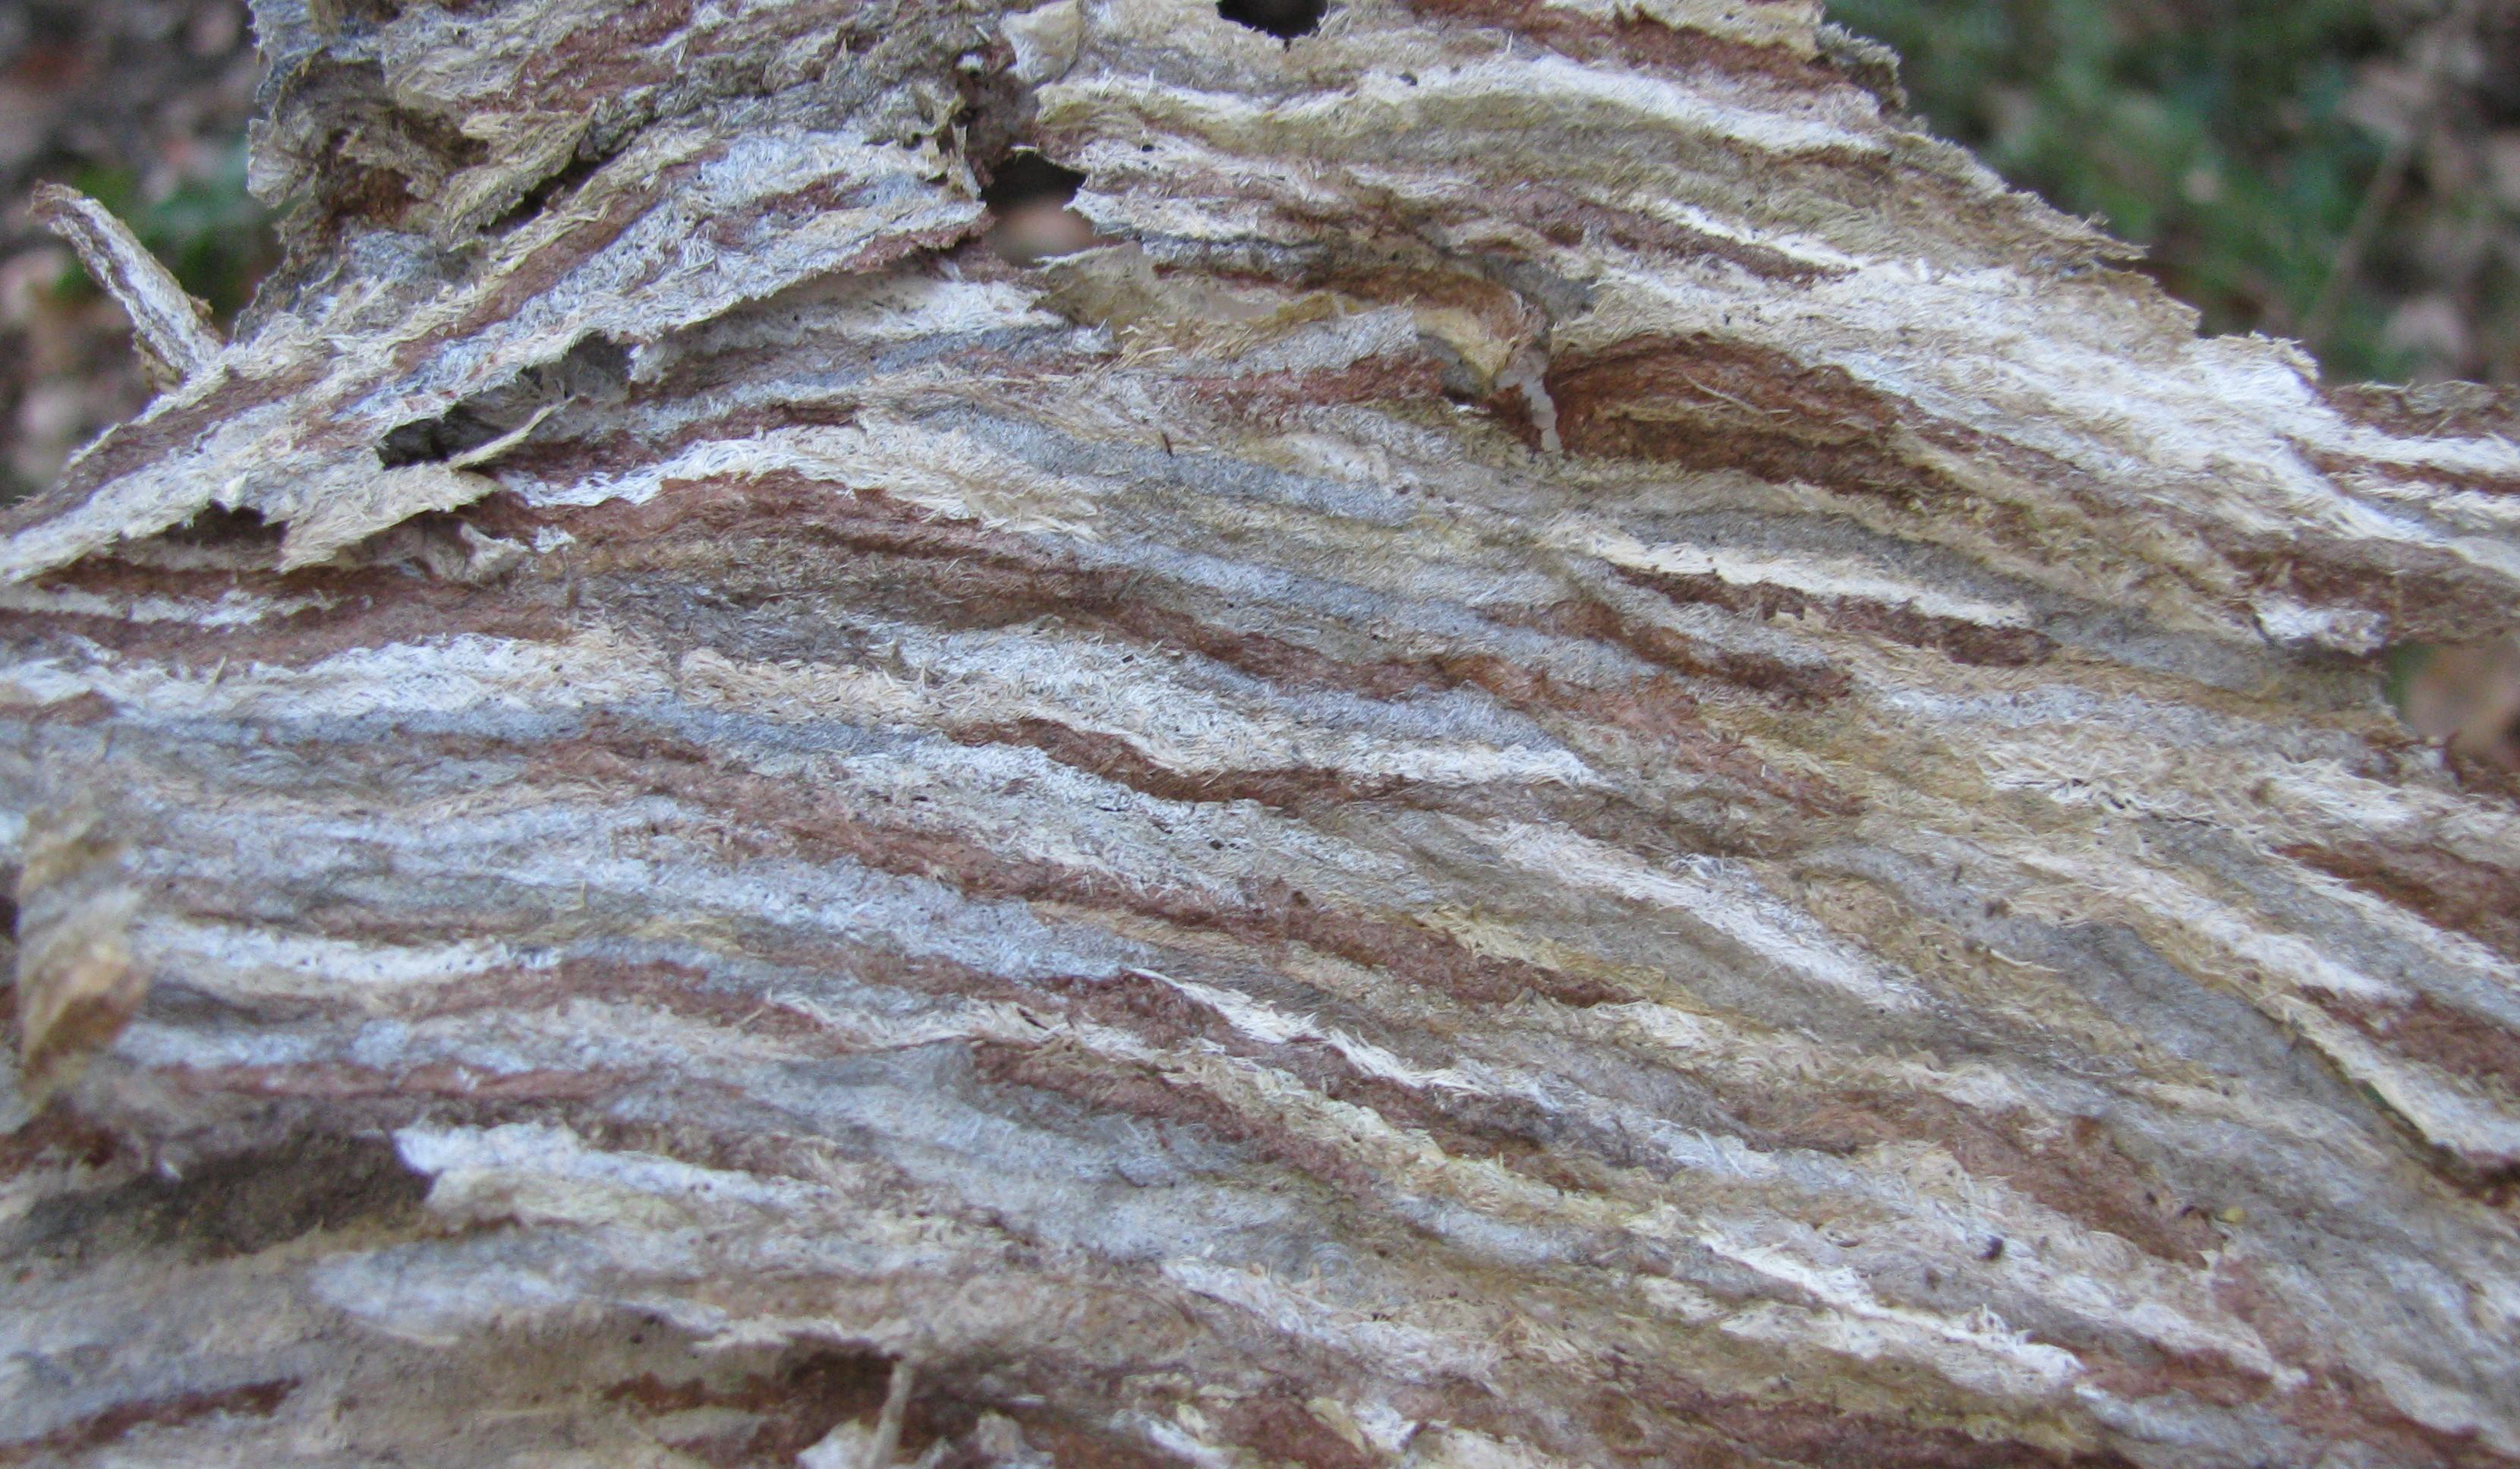 close-up of Bald-faced Hornet Nest